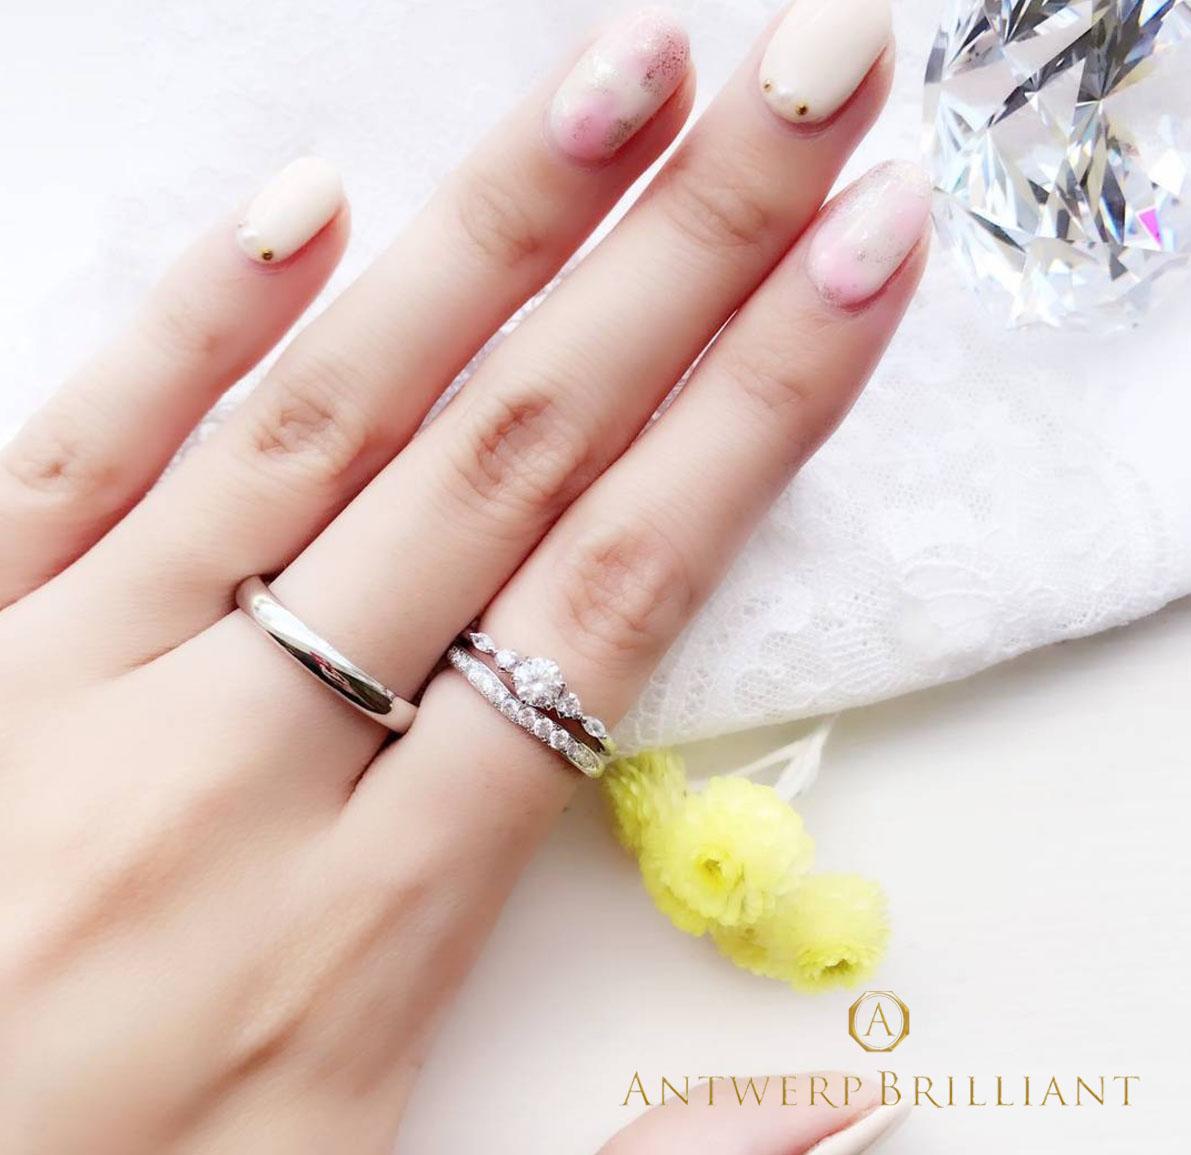 銀座で見つけるダイヤモンドラインで可愛いサプライズプロポーズにぴったりの婚約指輪